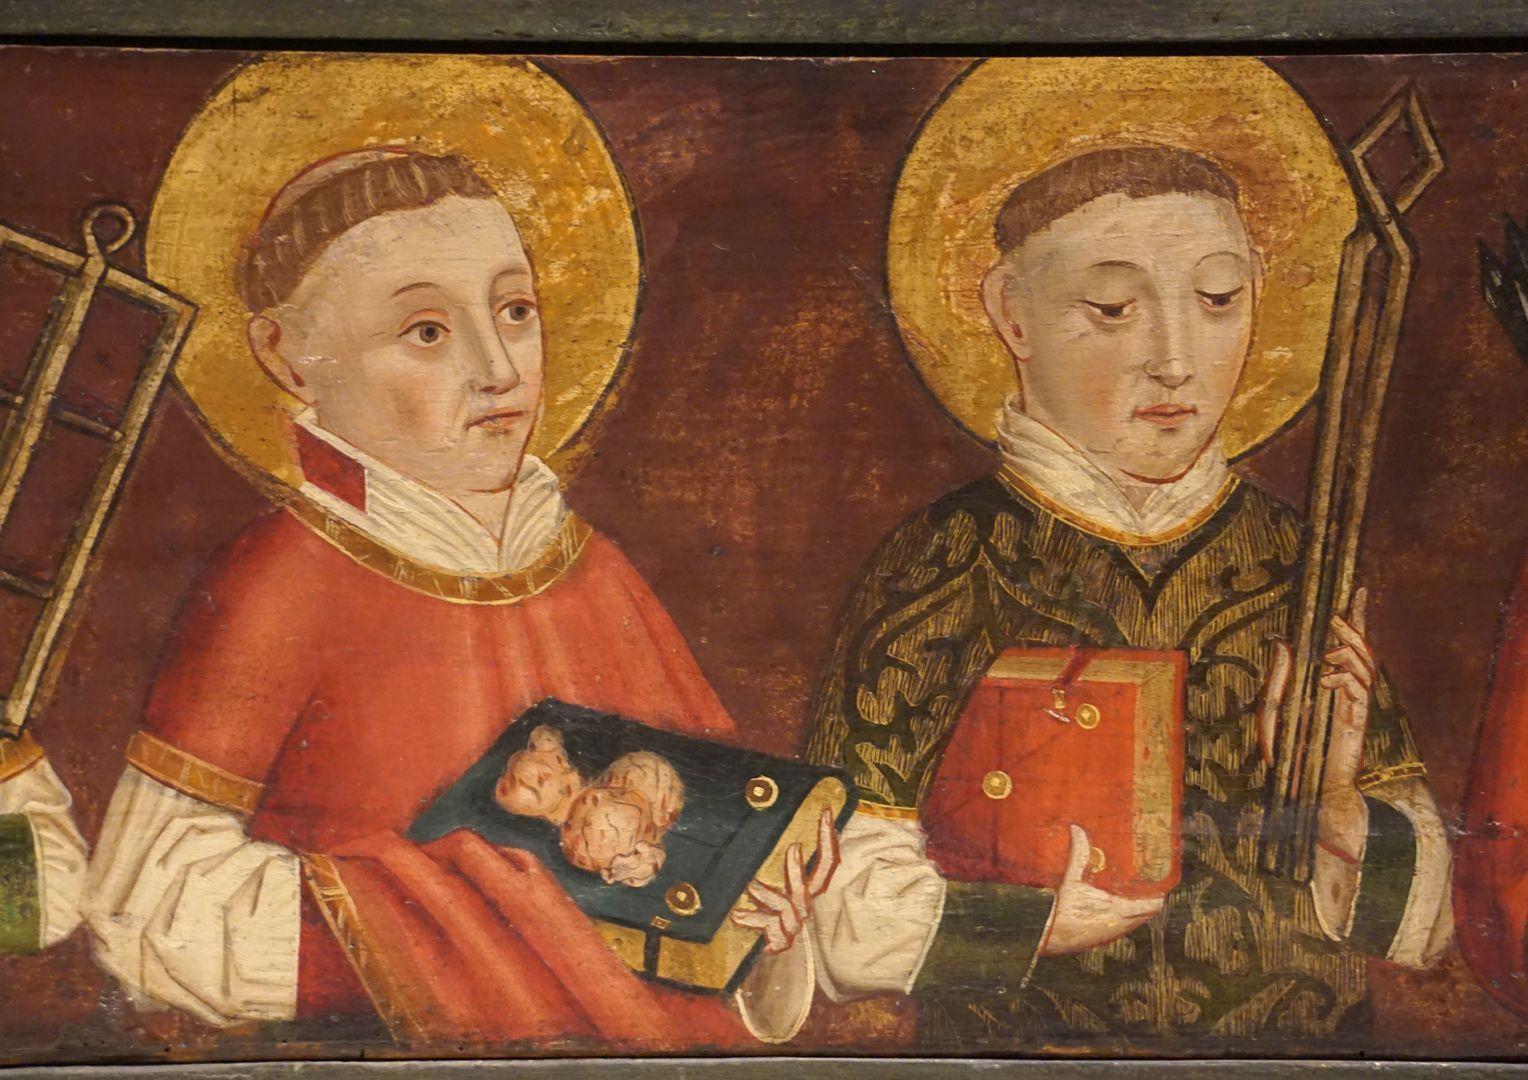 Krell-Altar linke Predellahälfte mit den Heiligen: Stephanus und Vincentius, Detailansicht